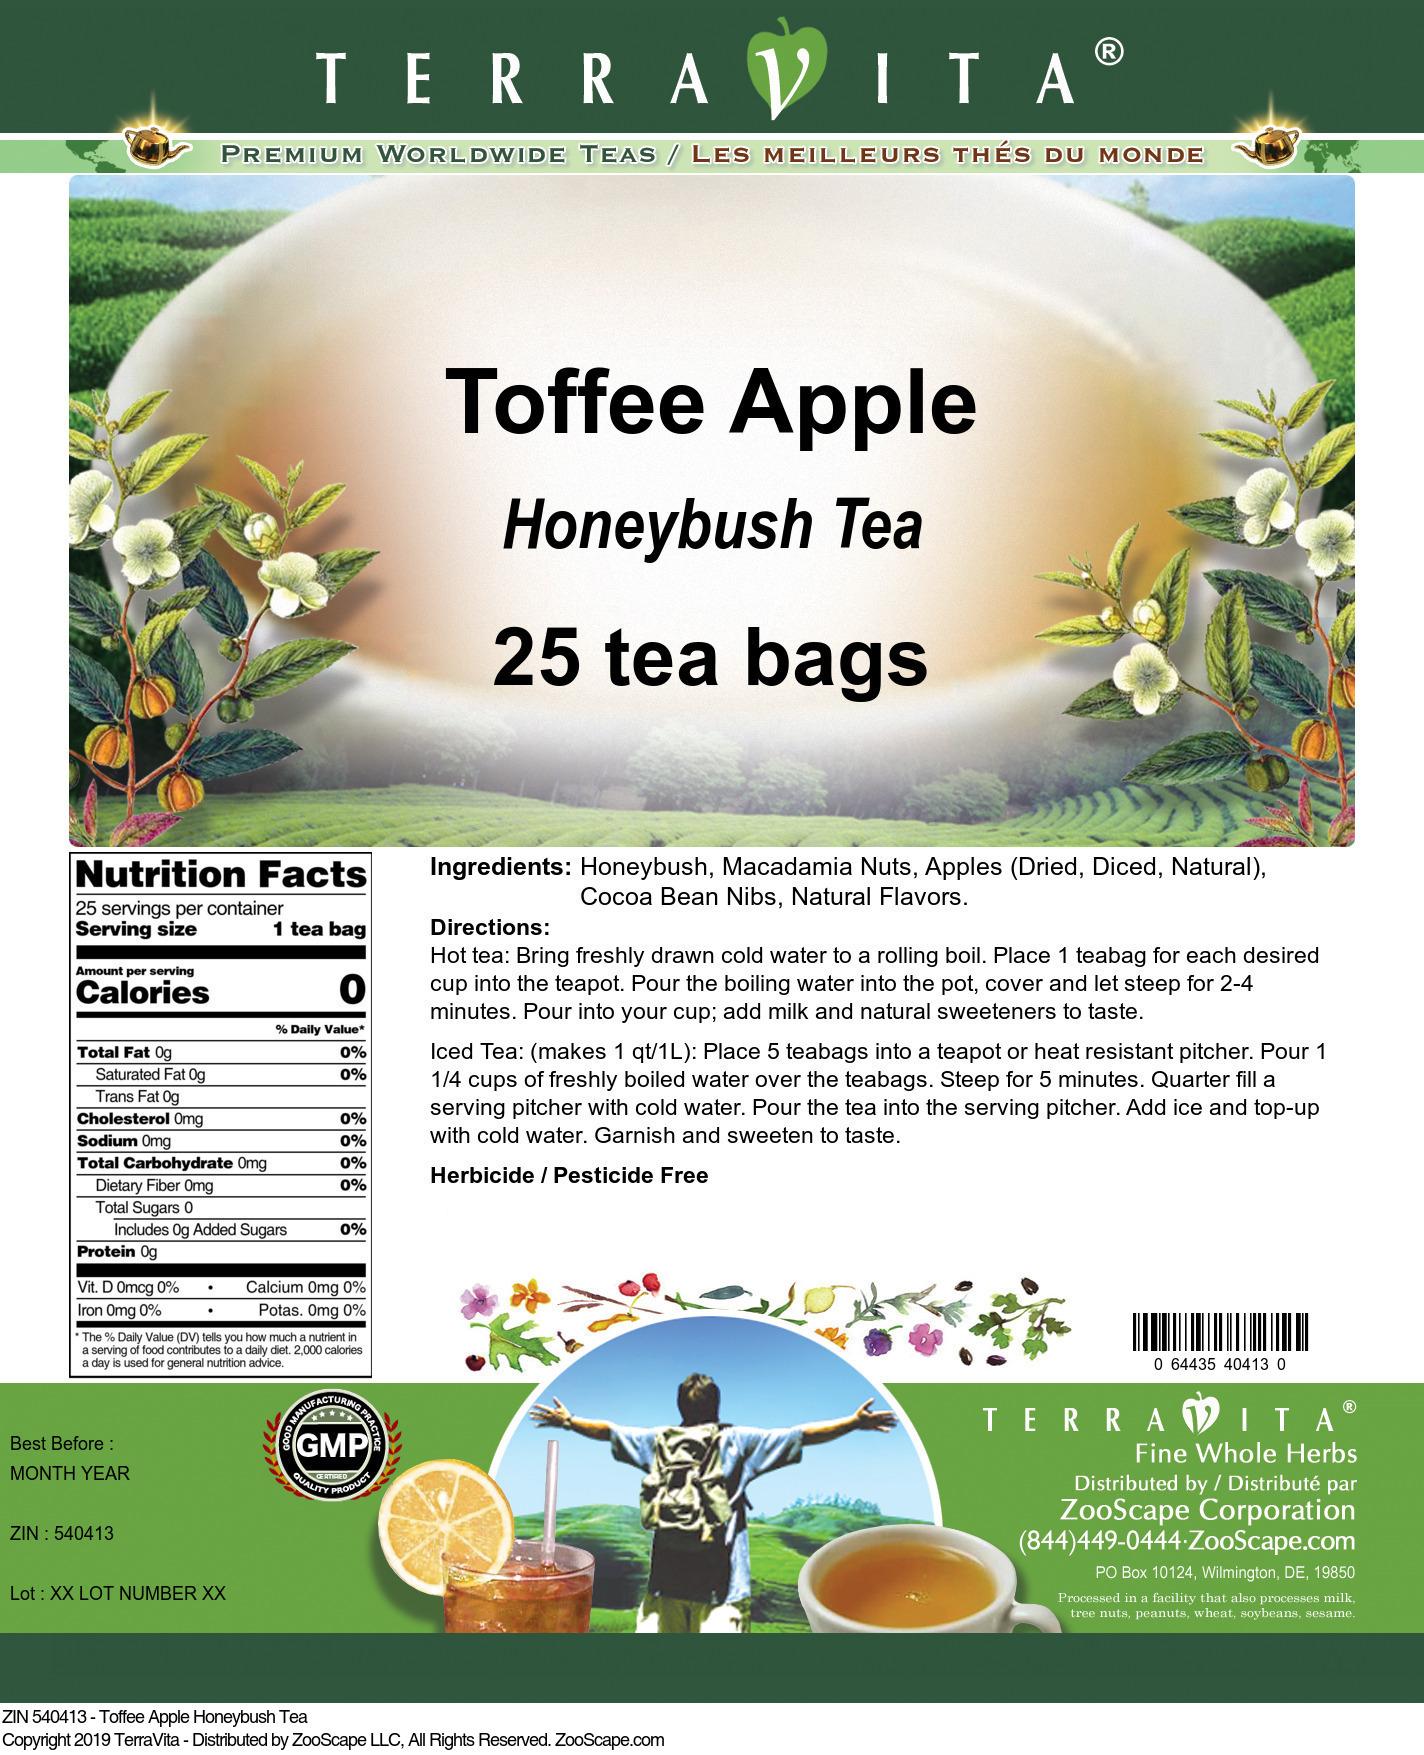 Toffee Apple Honeybush Tea